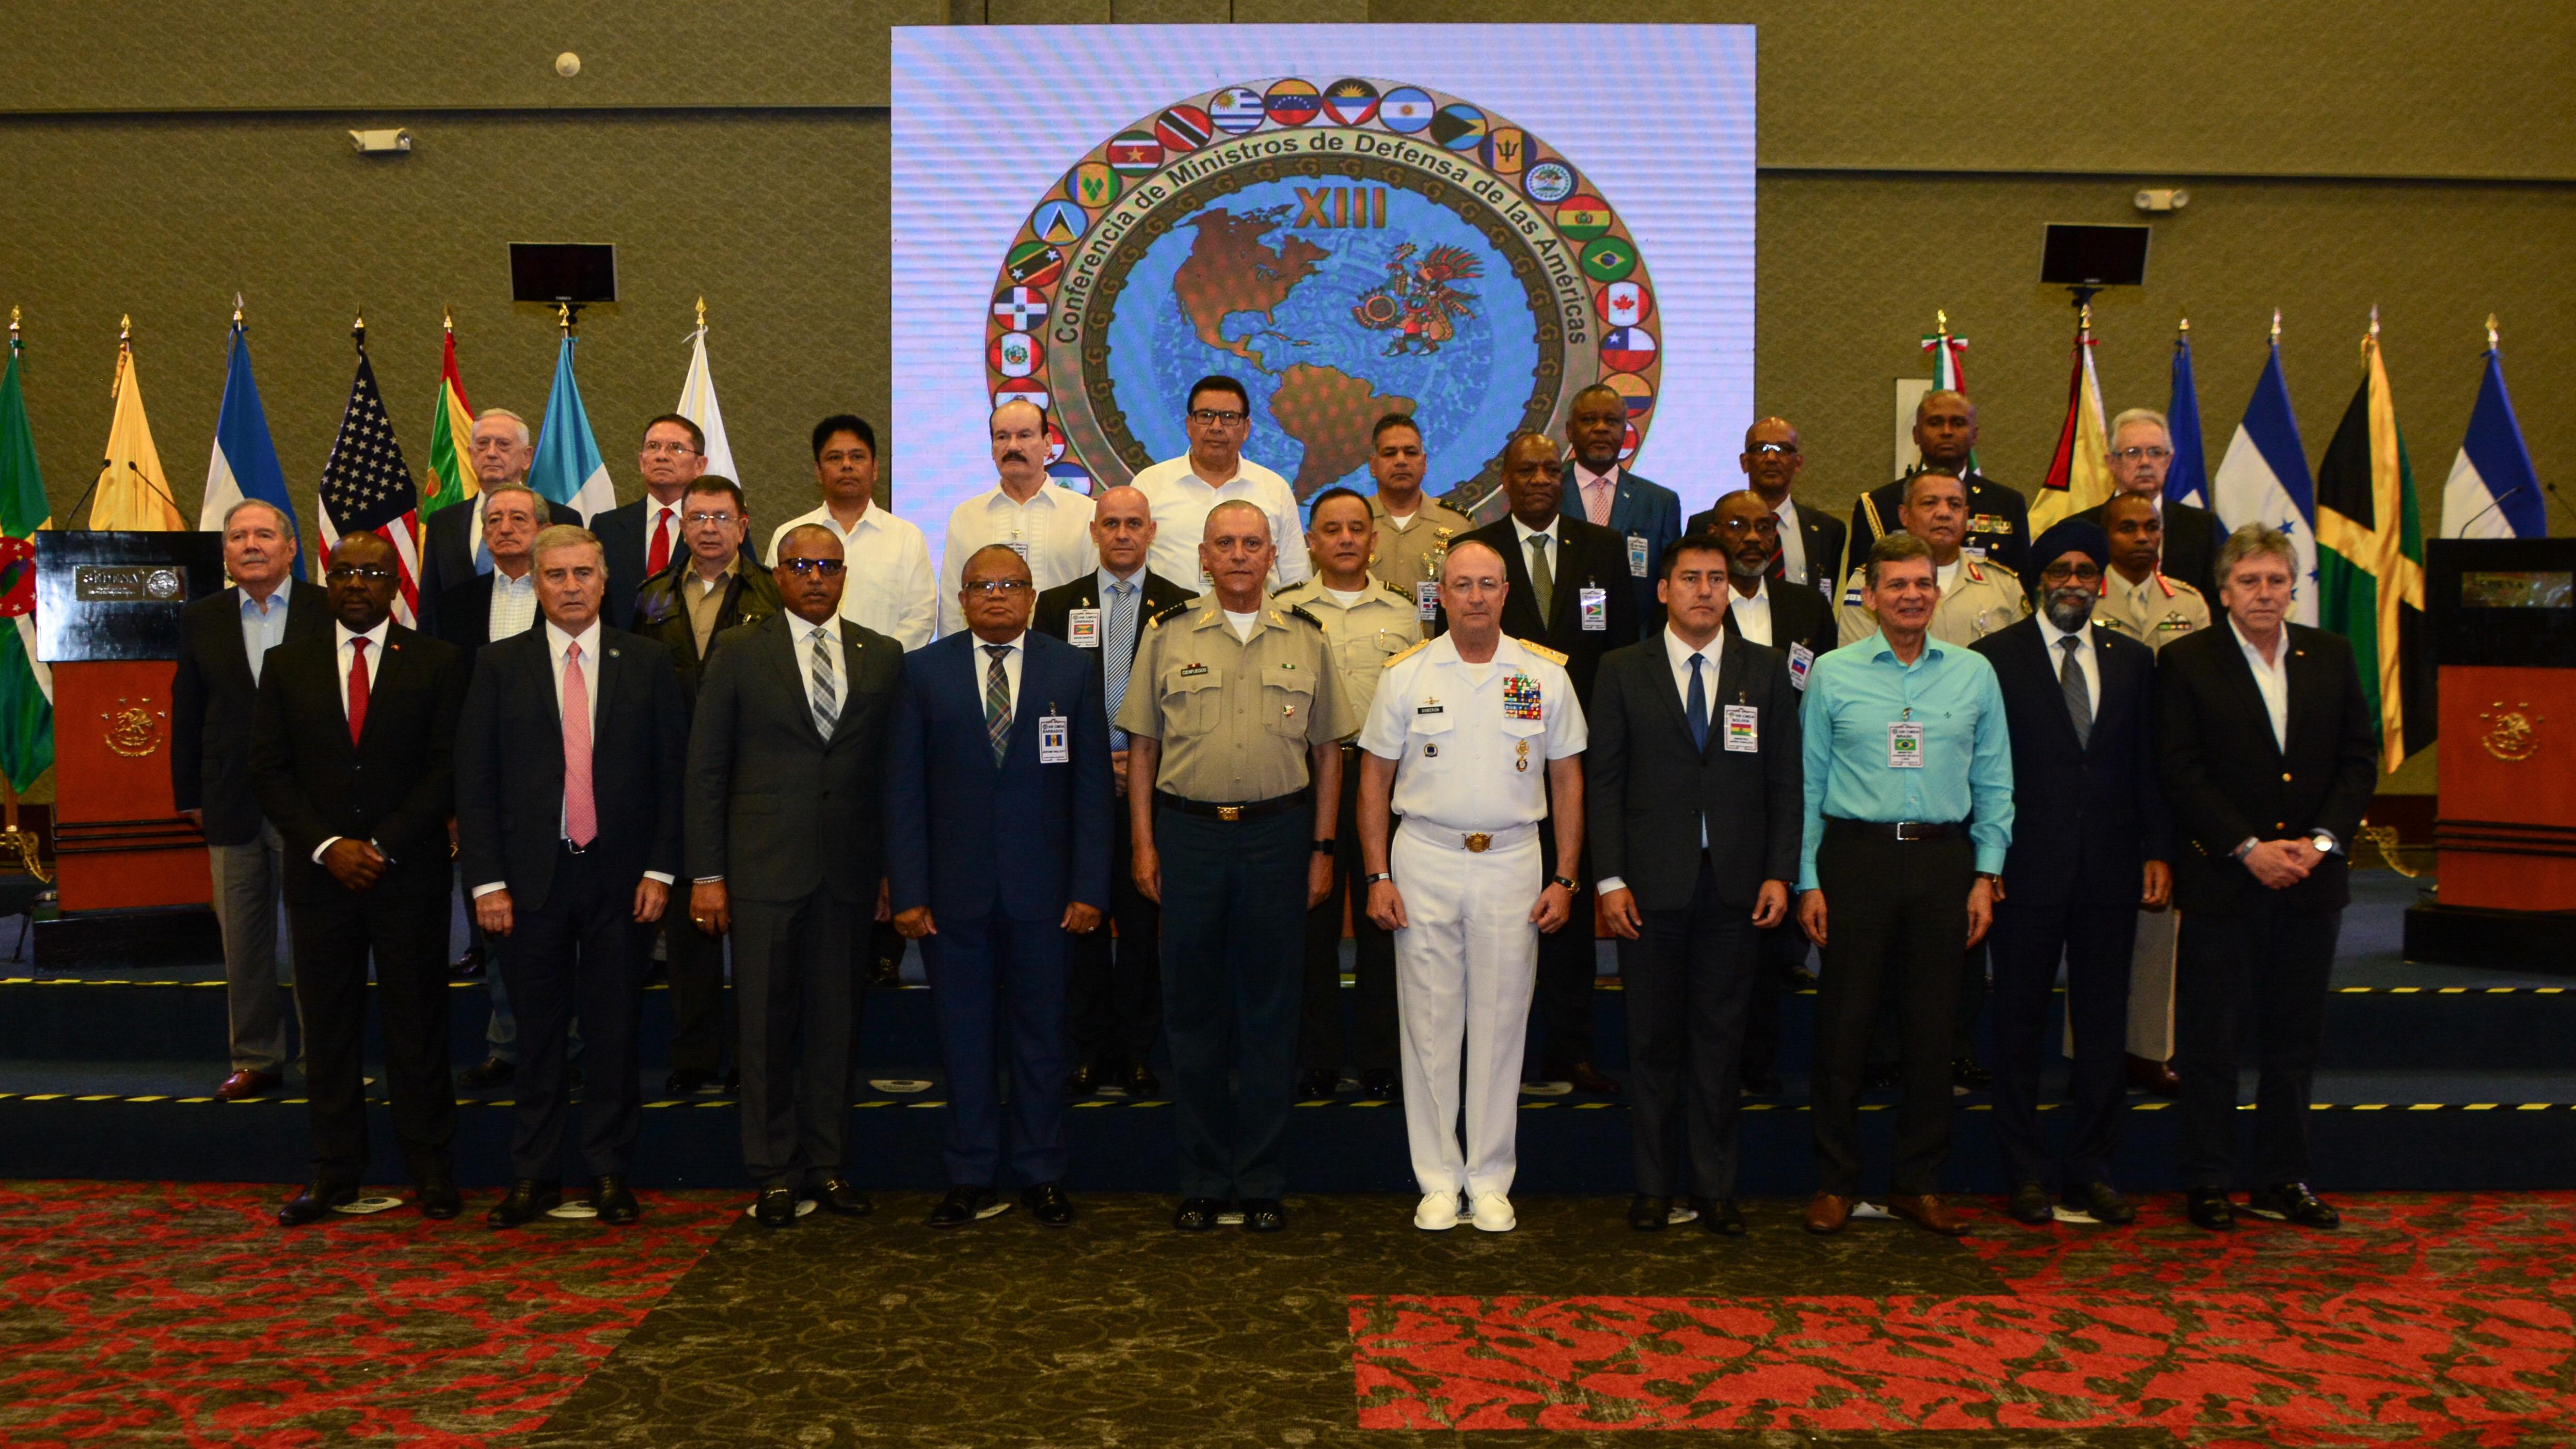 Los titulares de las Fuerzas Armadas de México, Canadá, Chile y Haití  formalizaron acuerdos con la finalidad de establecer las bases de colaboración en actividades de capacitación, entrenamiento, intercambio de experiencias y de información en materia de Seguridad y Defensa.